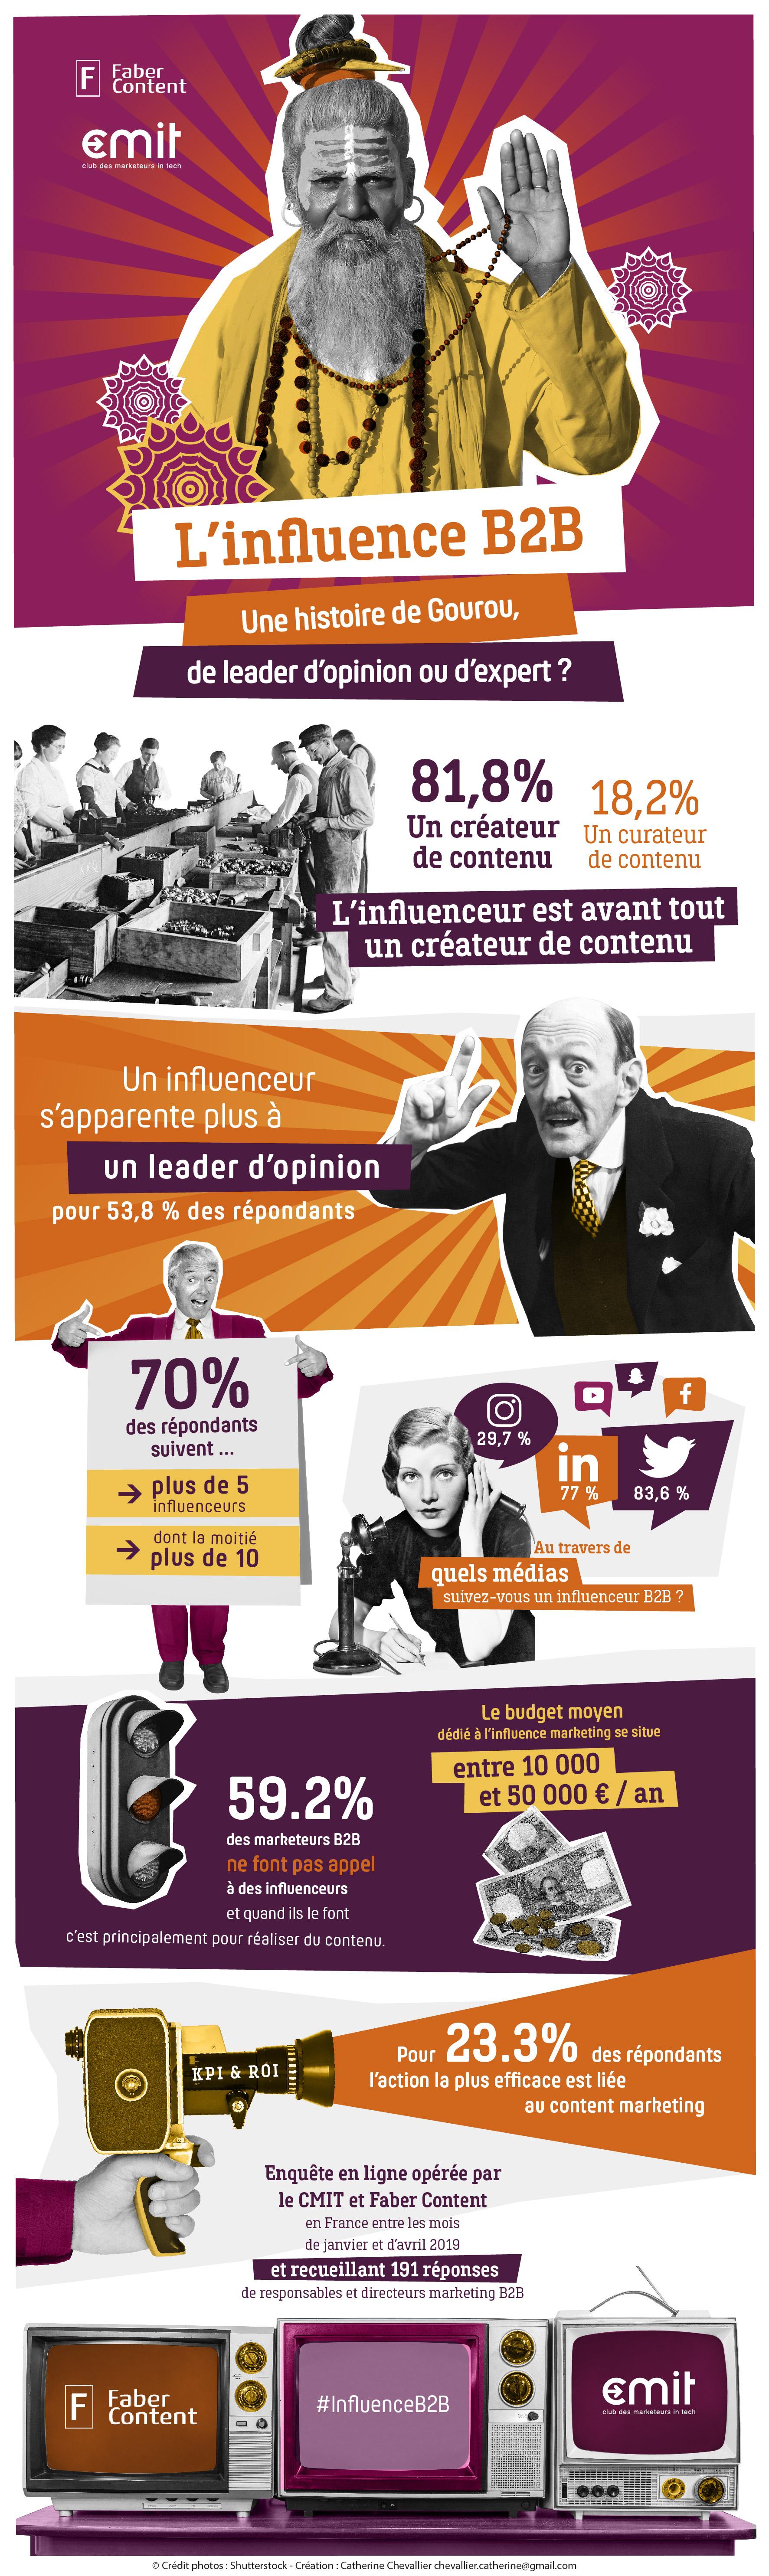 INFOGRAPHIE influenceur CMIT l'influence B2B : une histoire de gourou de leader d'opinion ou d'expert ?